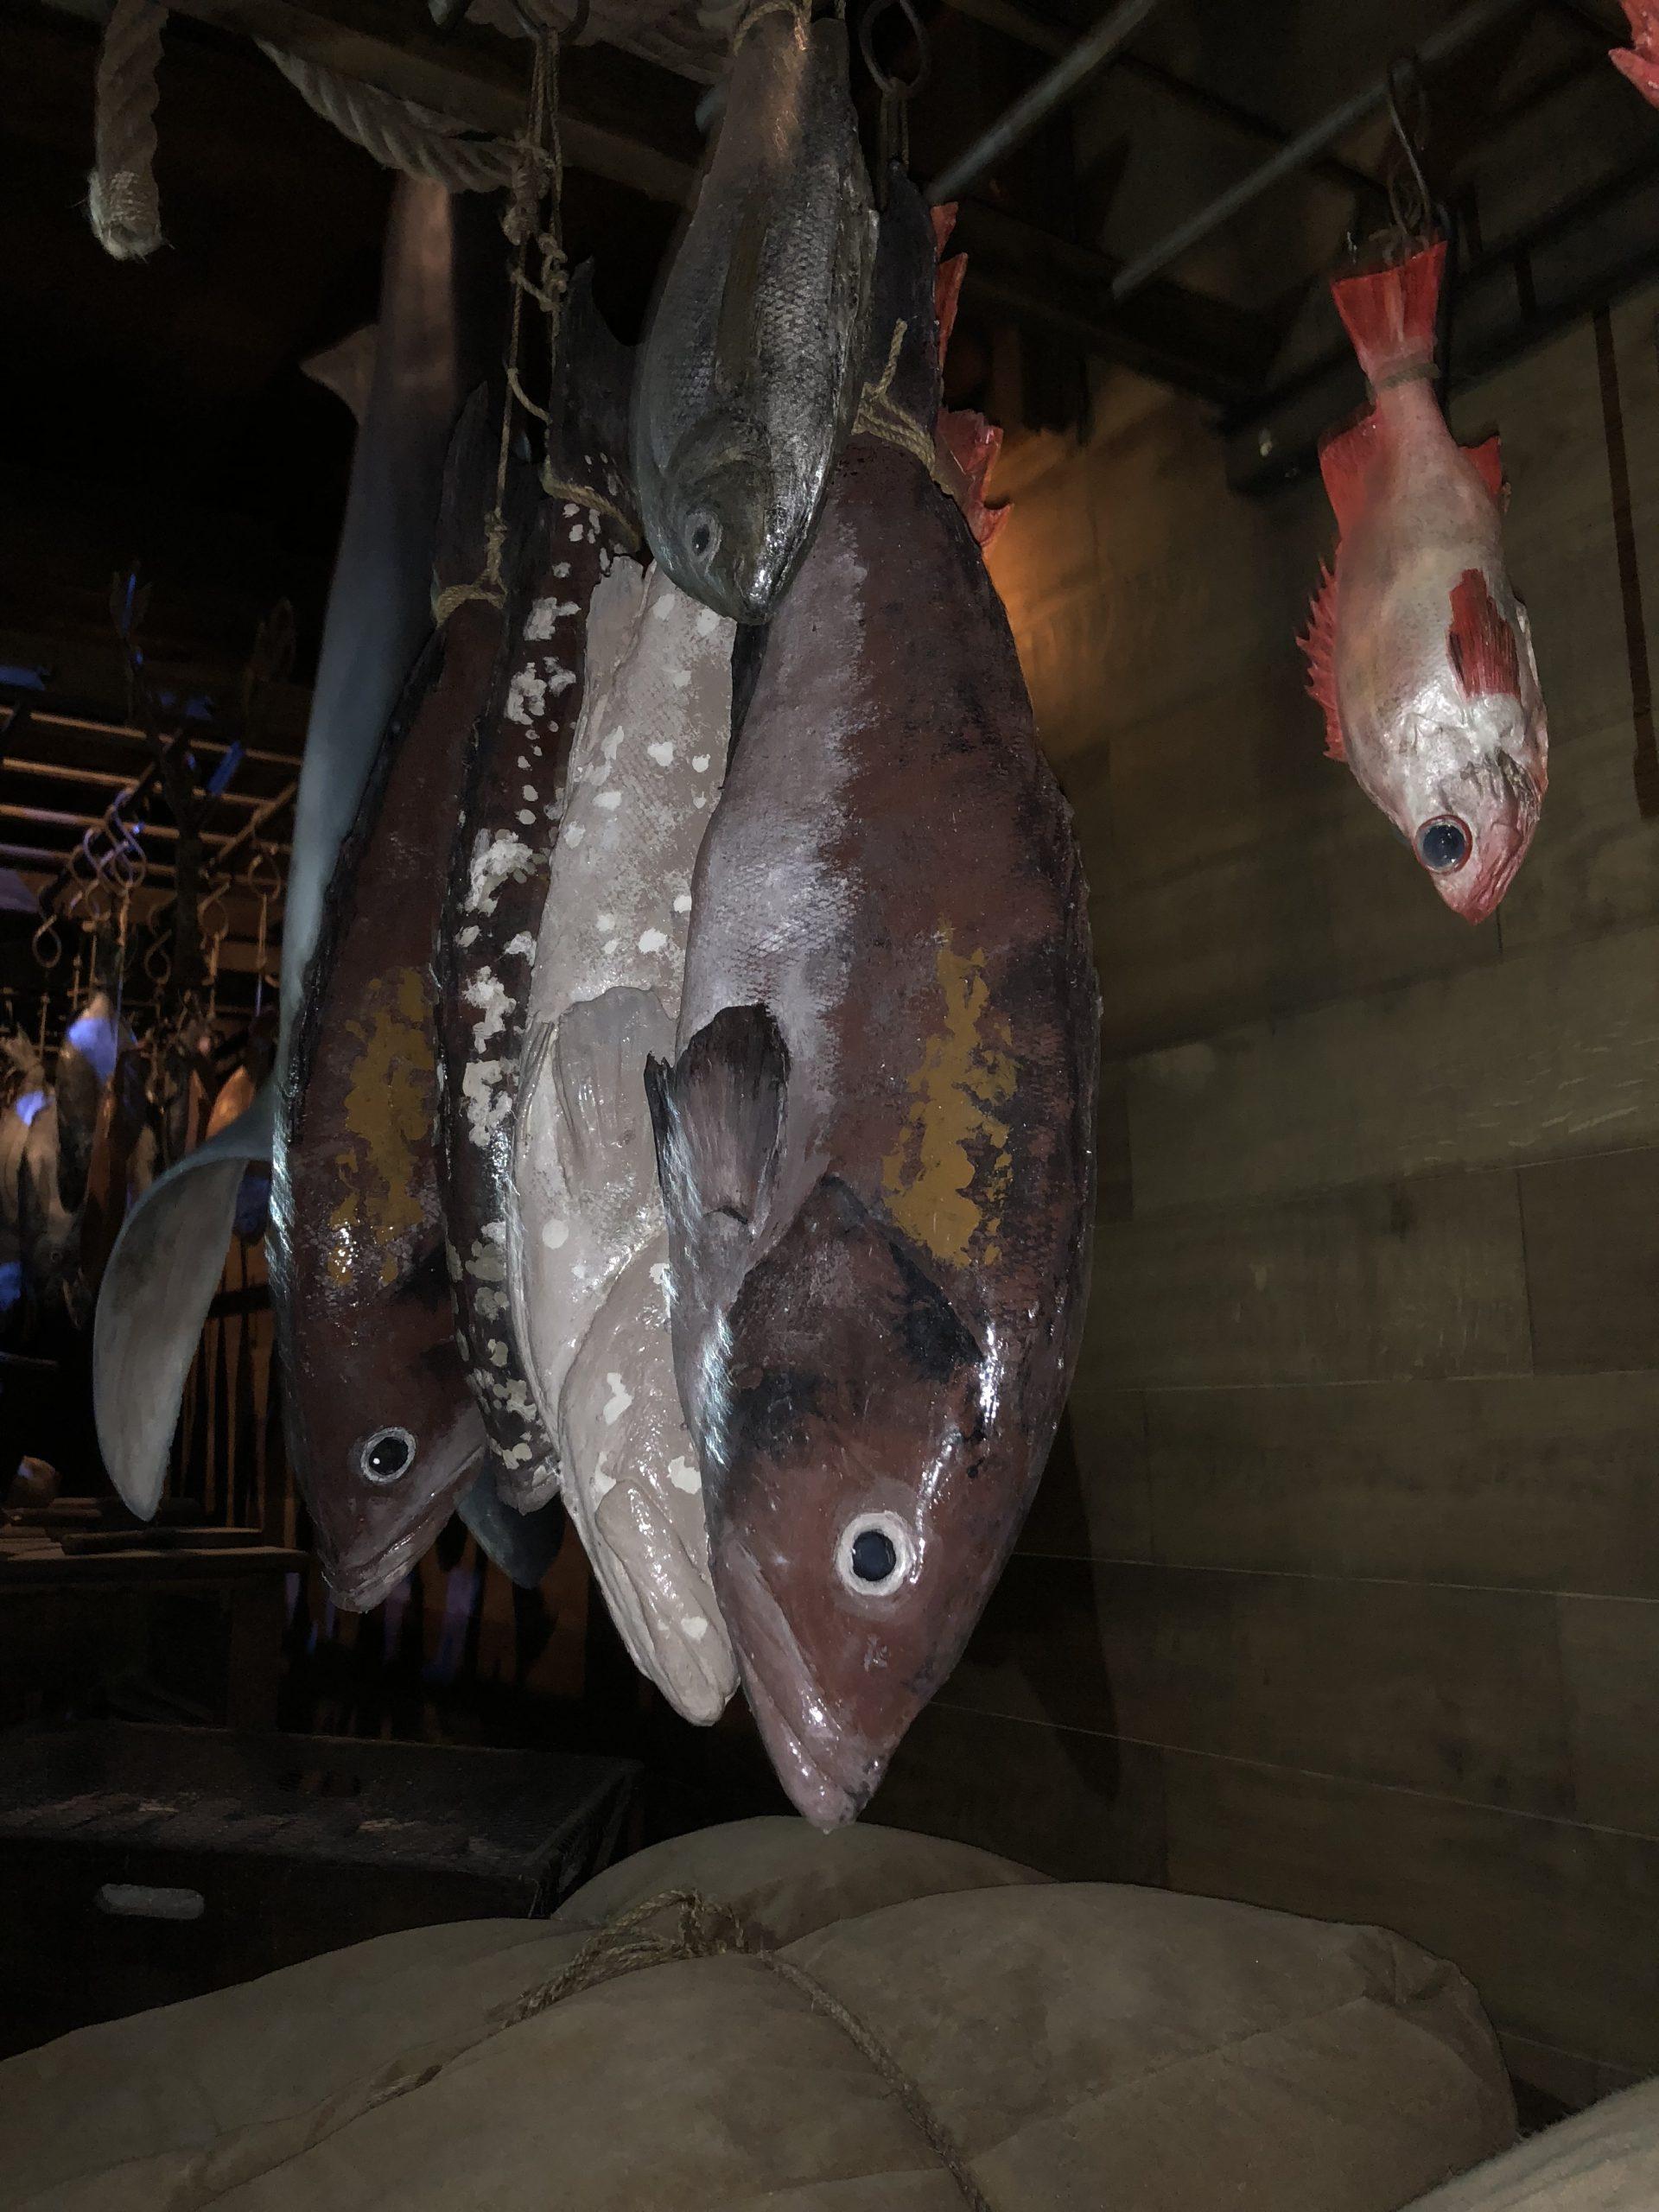 faux poissons, mérous, sébastes, dorades, éléments factices pour le puy du fou